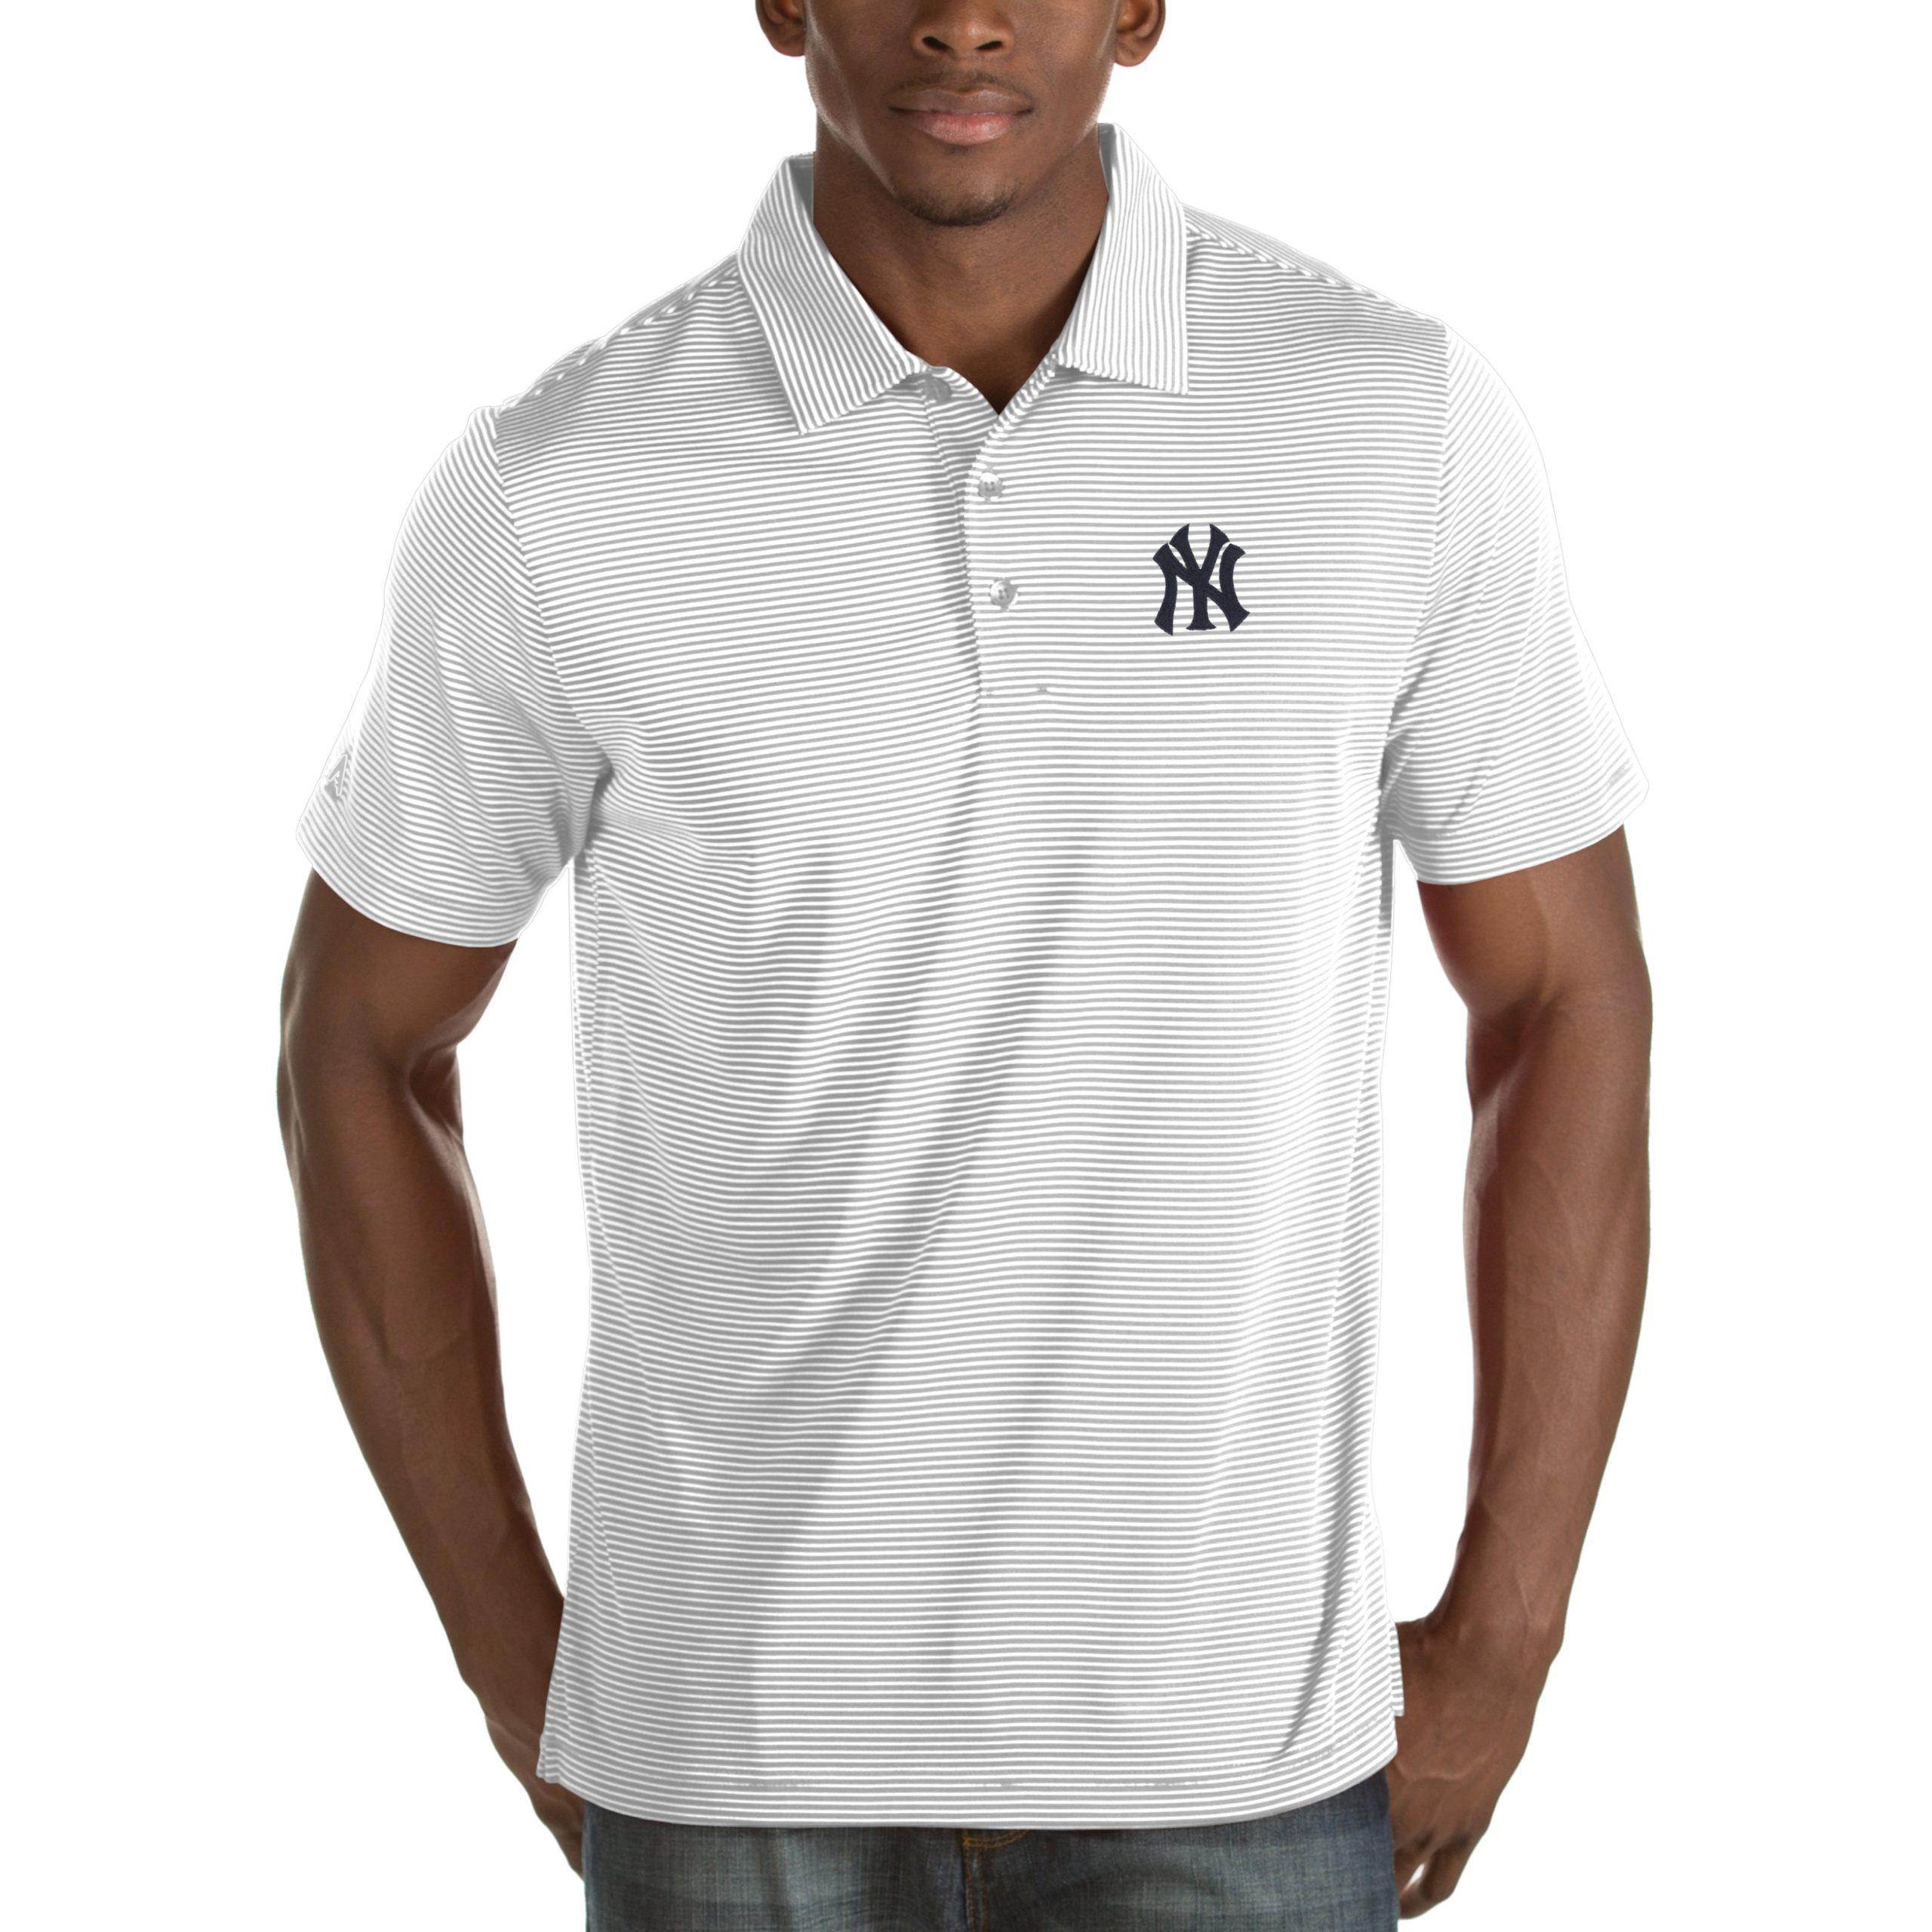 New York Yankees Antigua Quest Desert Dry Polo - White